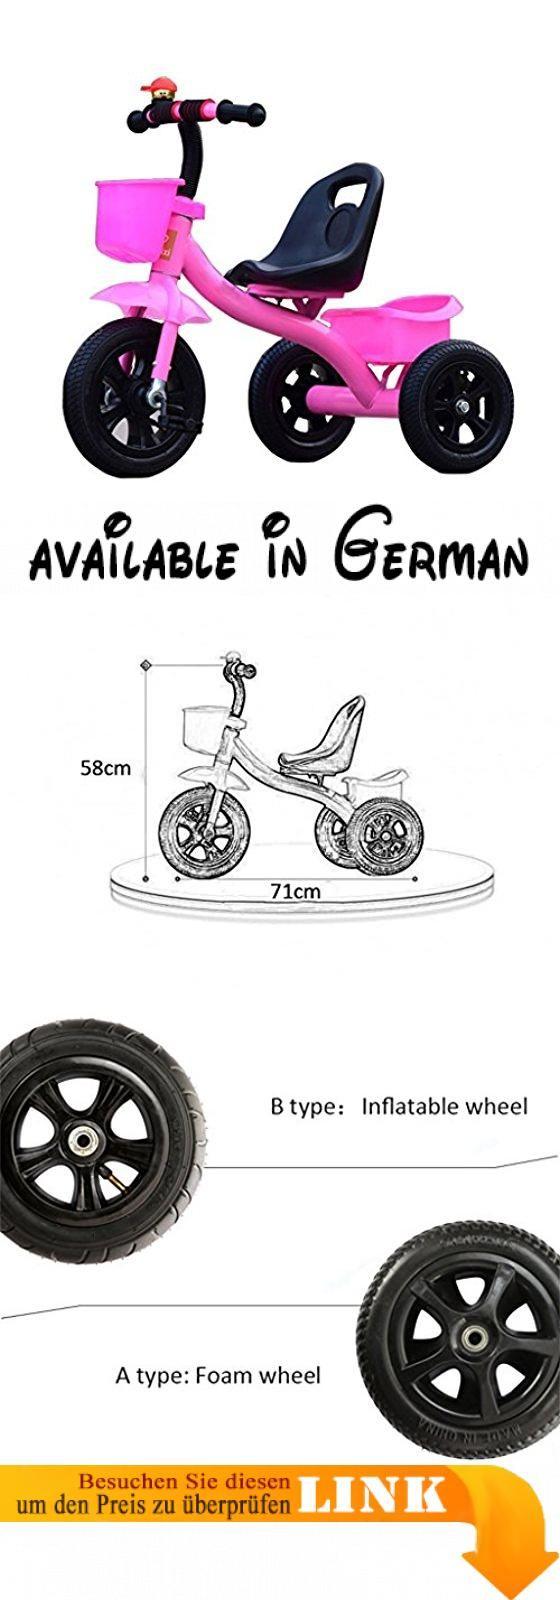 Dreirad-Baby-Wagen-Fahrrad-Kind-Spielzeug-Auto Aufblasbares Rad / Schaum Rad-Fahrrad Verwendbar für 1-2-3-4 Jährige (Junge / Mädchen), Rosa ( Farbe : B type ). Material: Stahl + TPR Kunststoff. Geeignetes Alter: 8 Monate -5 Jahre alt. Rad Typ: Eine Art ist Schaumrad, brauchen nicht aufblasbar; B-Typ ist aufblasbares Rad, Stoßfestigkeit / Verschleißfestigkeit #Sports #SPORTING_GOODS